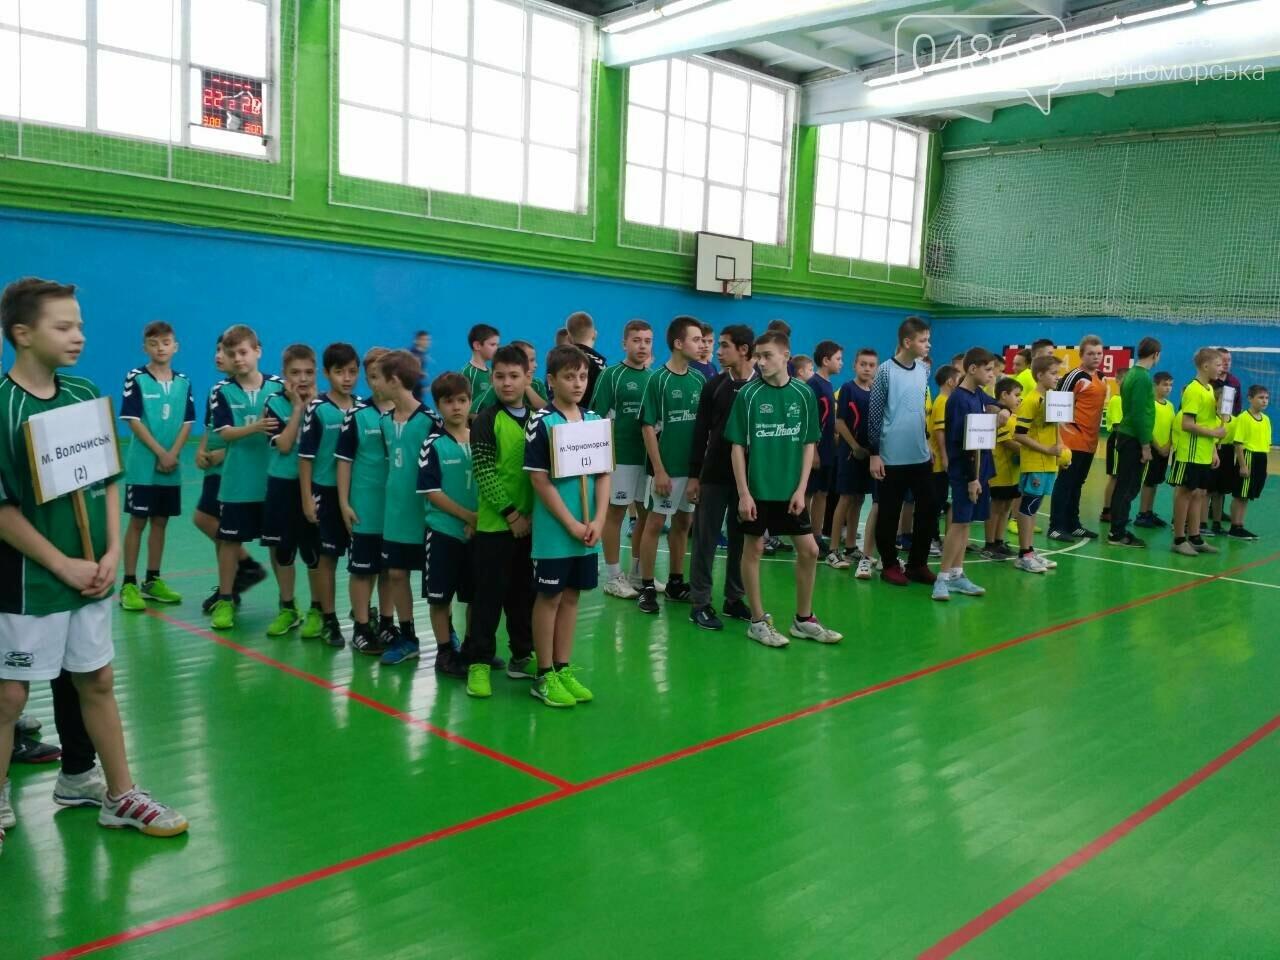 Команда юных гандболистов из Черноморска привезла золотой кубок из Хмельницкого, фото-1